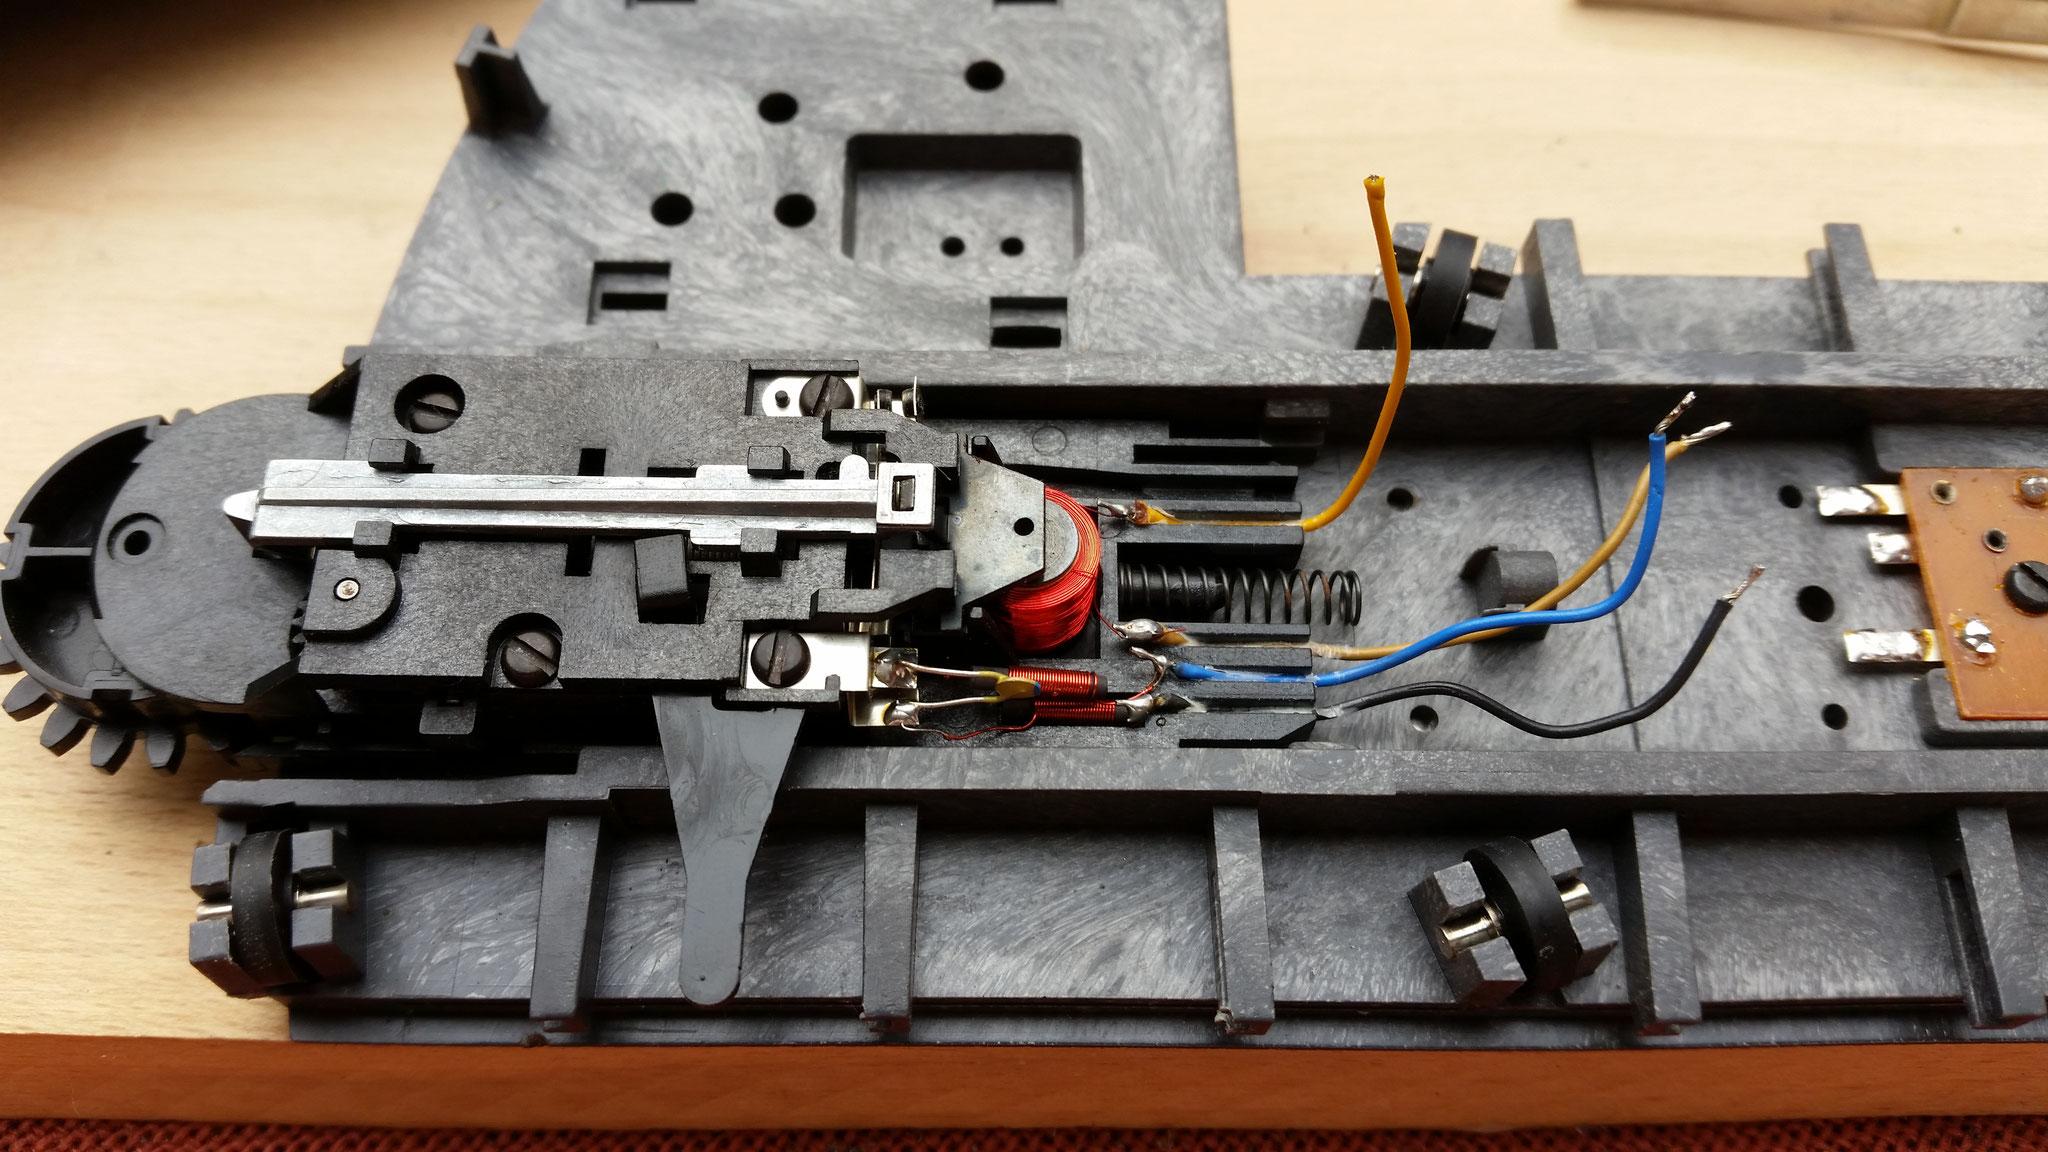 Zunächst wurde der Motor ausgebaut und einige Teile entsorgt, diese werden nach dem Umbau nicht mehr benötigt.